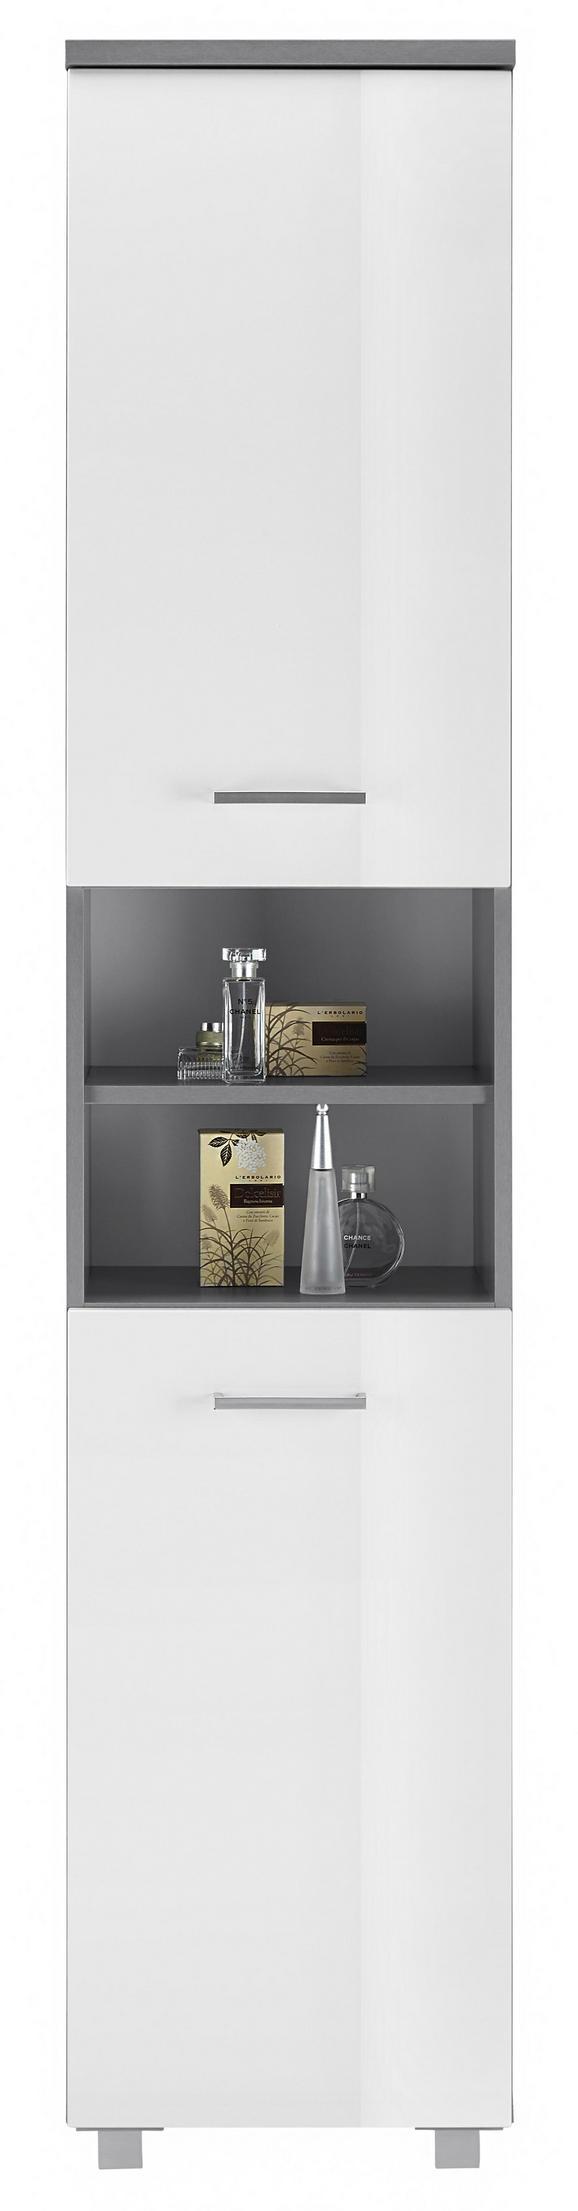 Hochschrank Weiß/Grau - Silberfarben/Weiß, MODERN, Holzwerkstoff/Kunststoff (40/194/32cm) - MÖMAX modern living